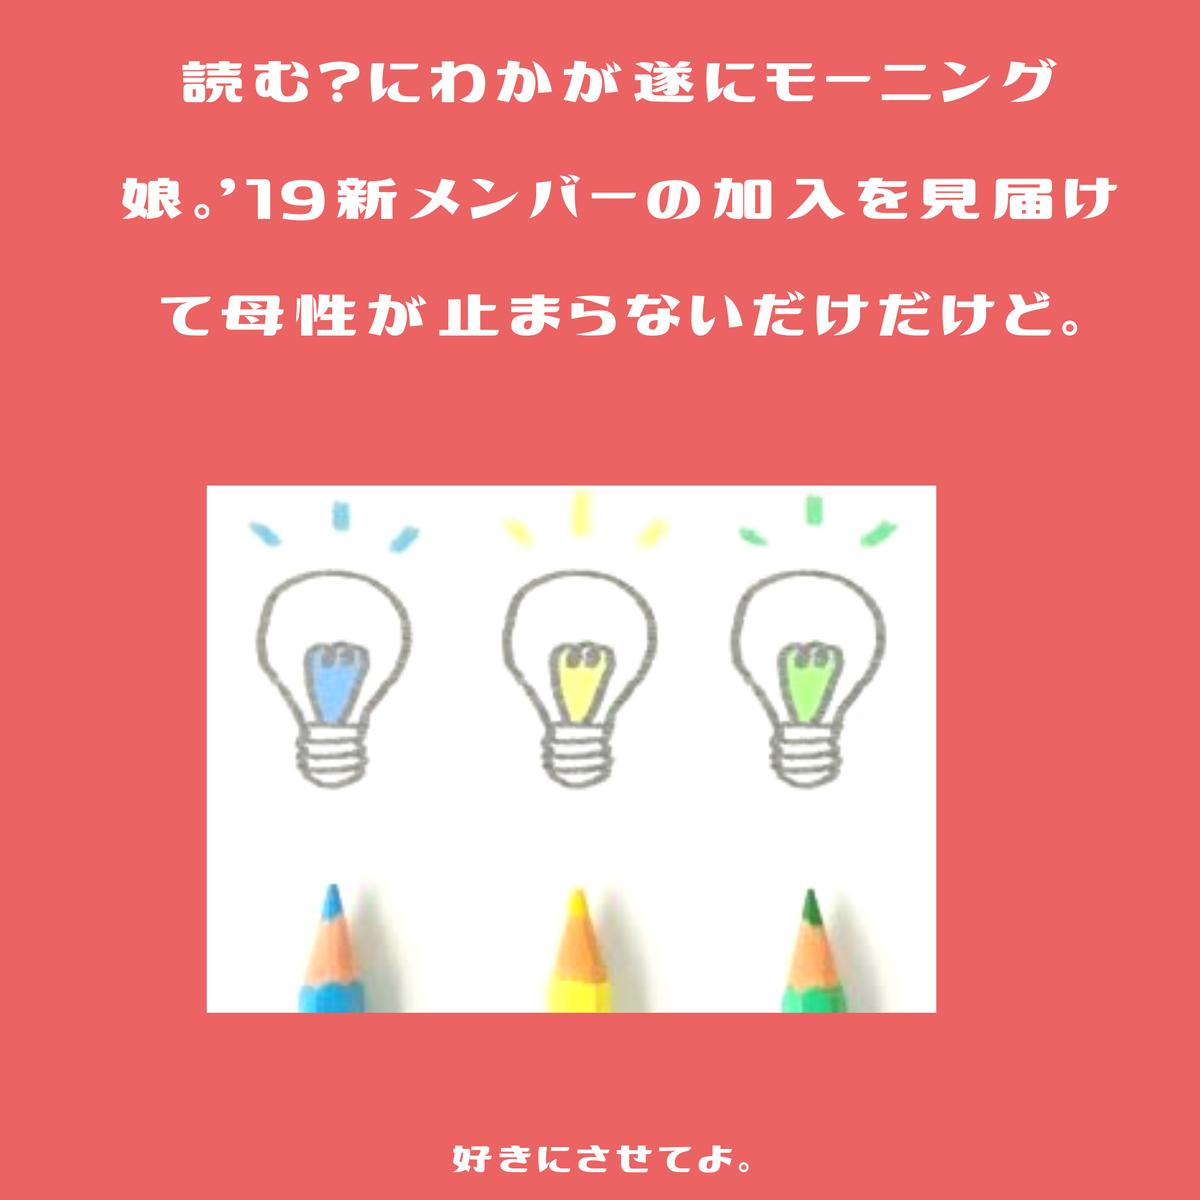 f:id:tsukino25:20190913175227p:plain